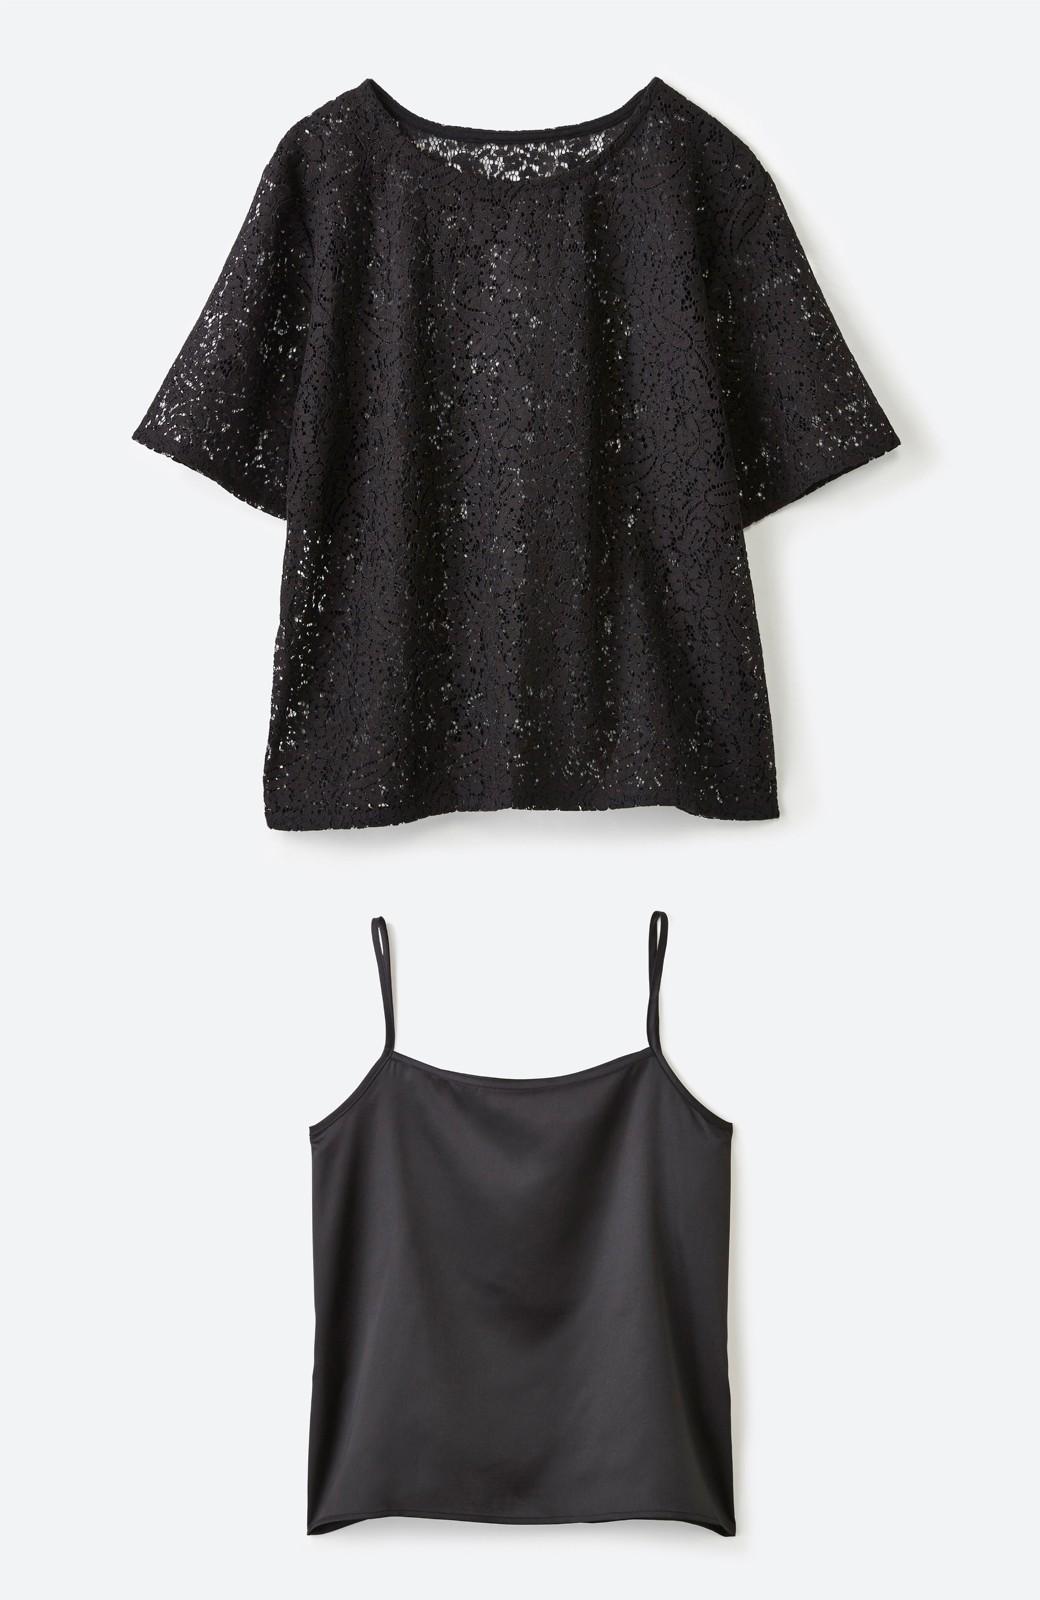 haco! いつものTシャツのかわりに着たい レースTブラウスとキャミソールセット <ブラック>の商品写真1